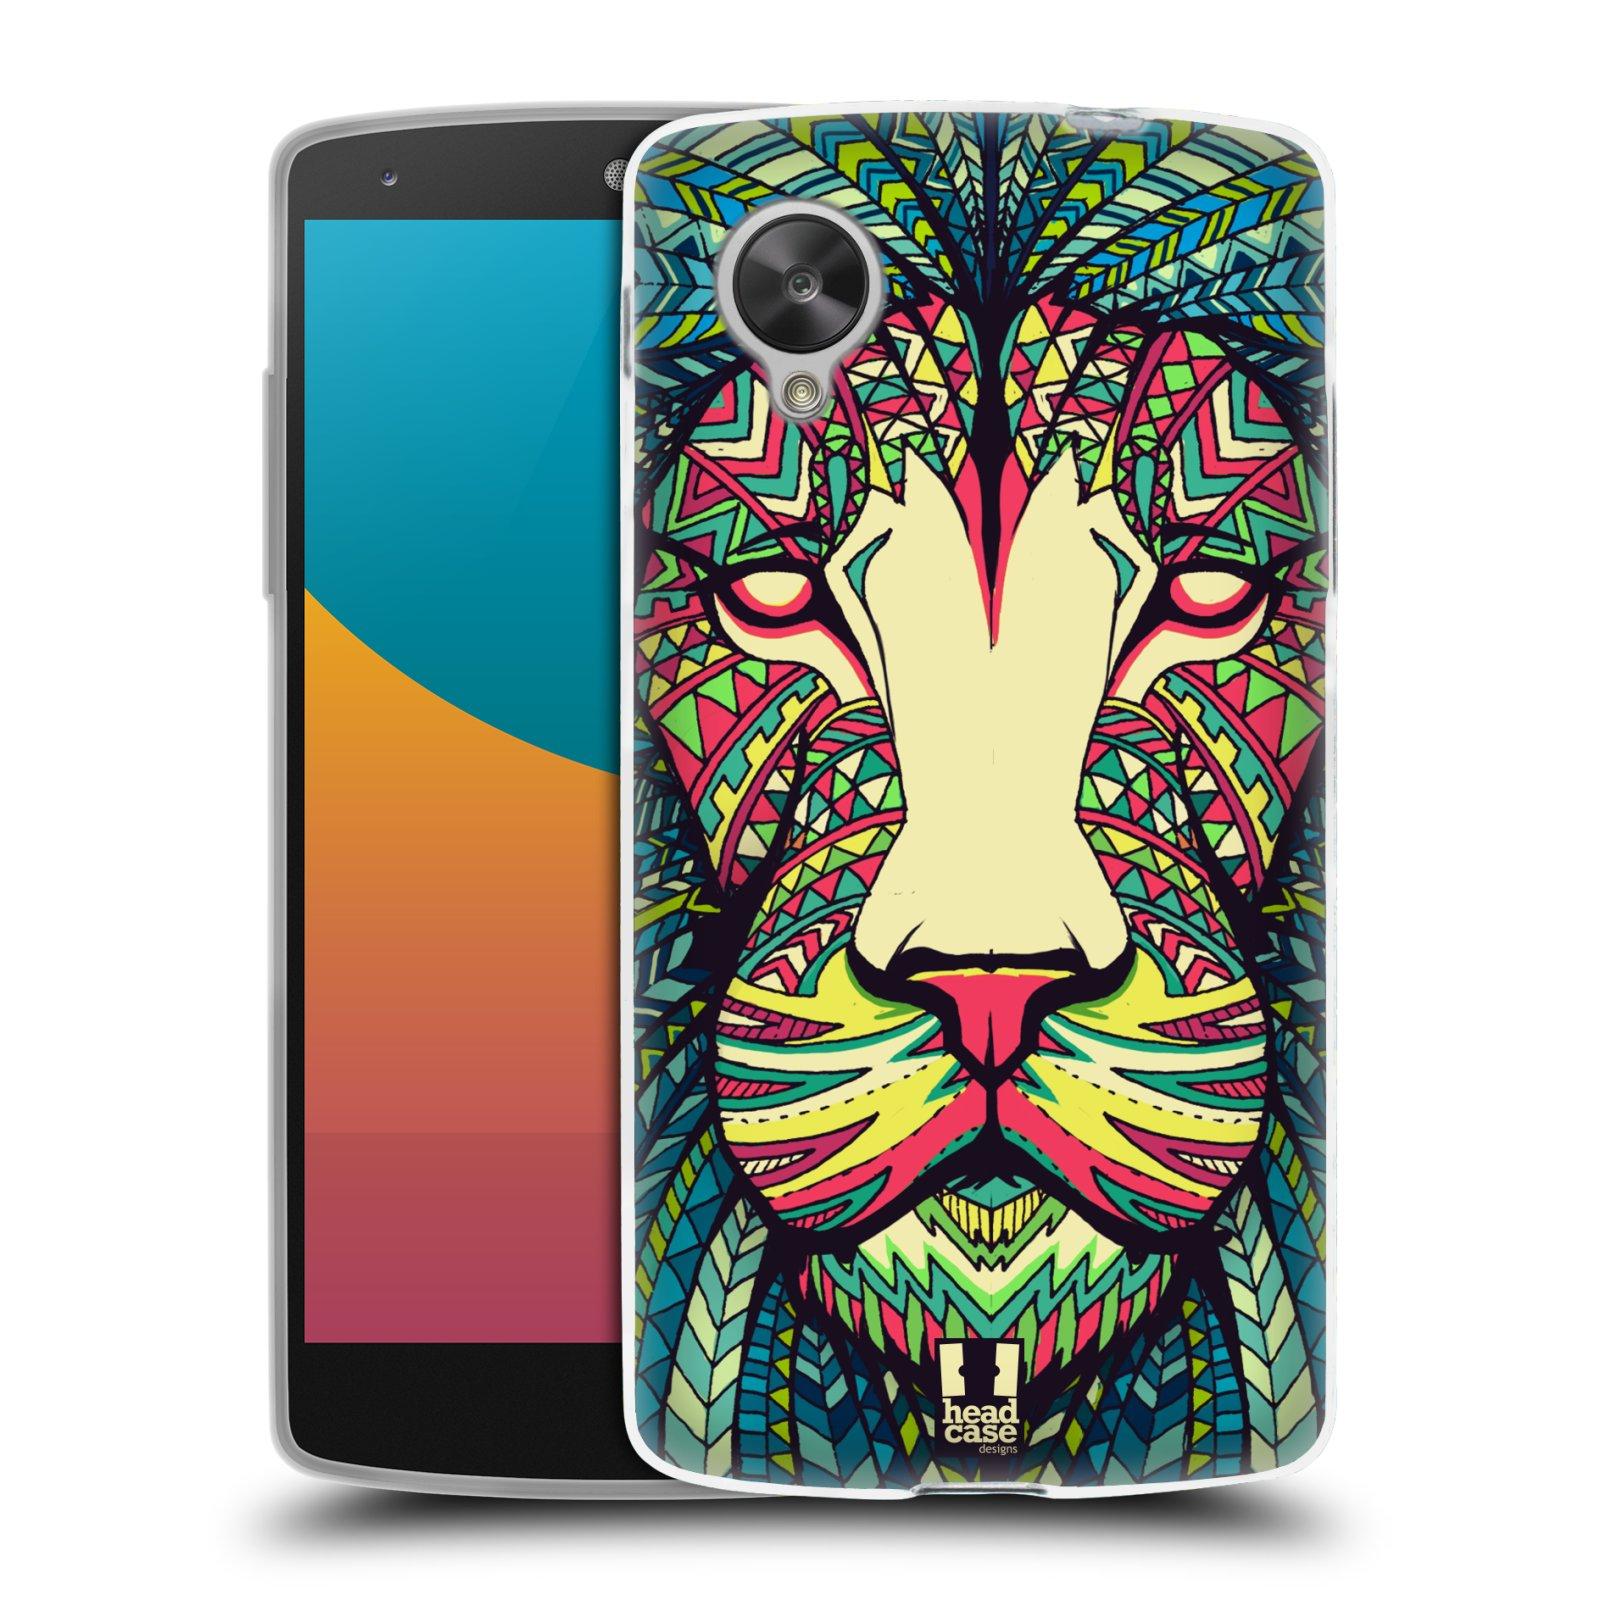 Silikonové pouzdro na mobil LG Nexus 5 HEAD CASE AZTEC LEV (Silikonový kryt či obal na mobilní telefon LG Google Nexus 5 D821)